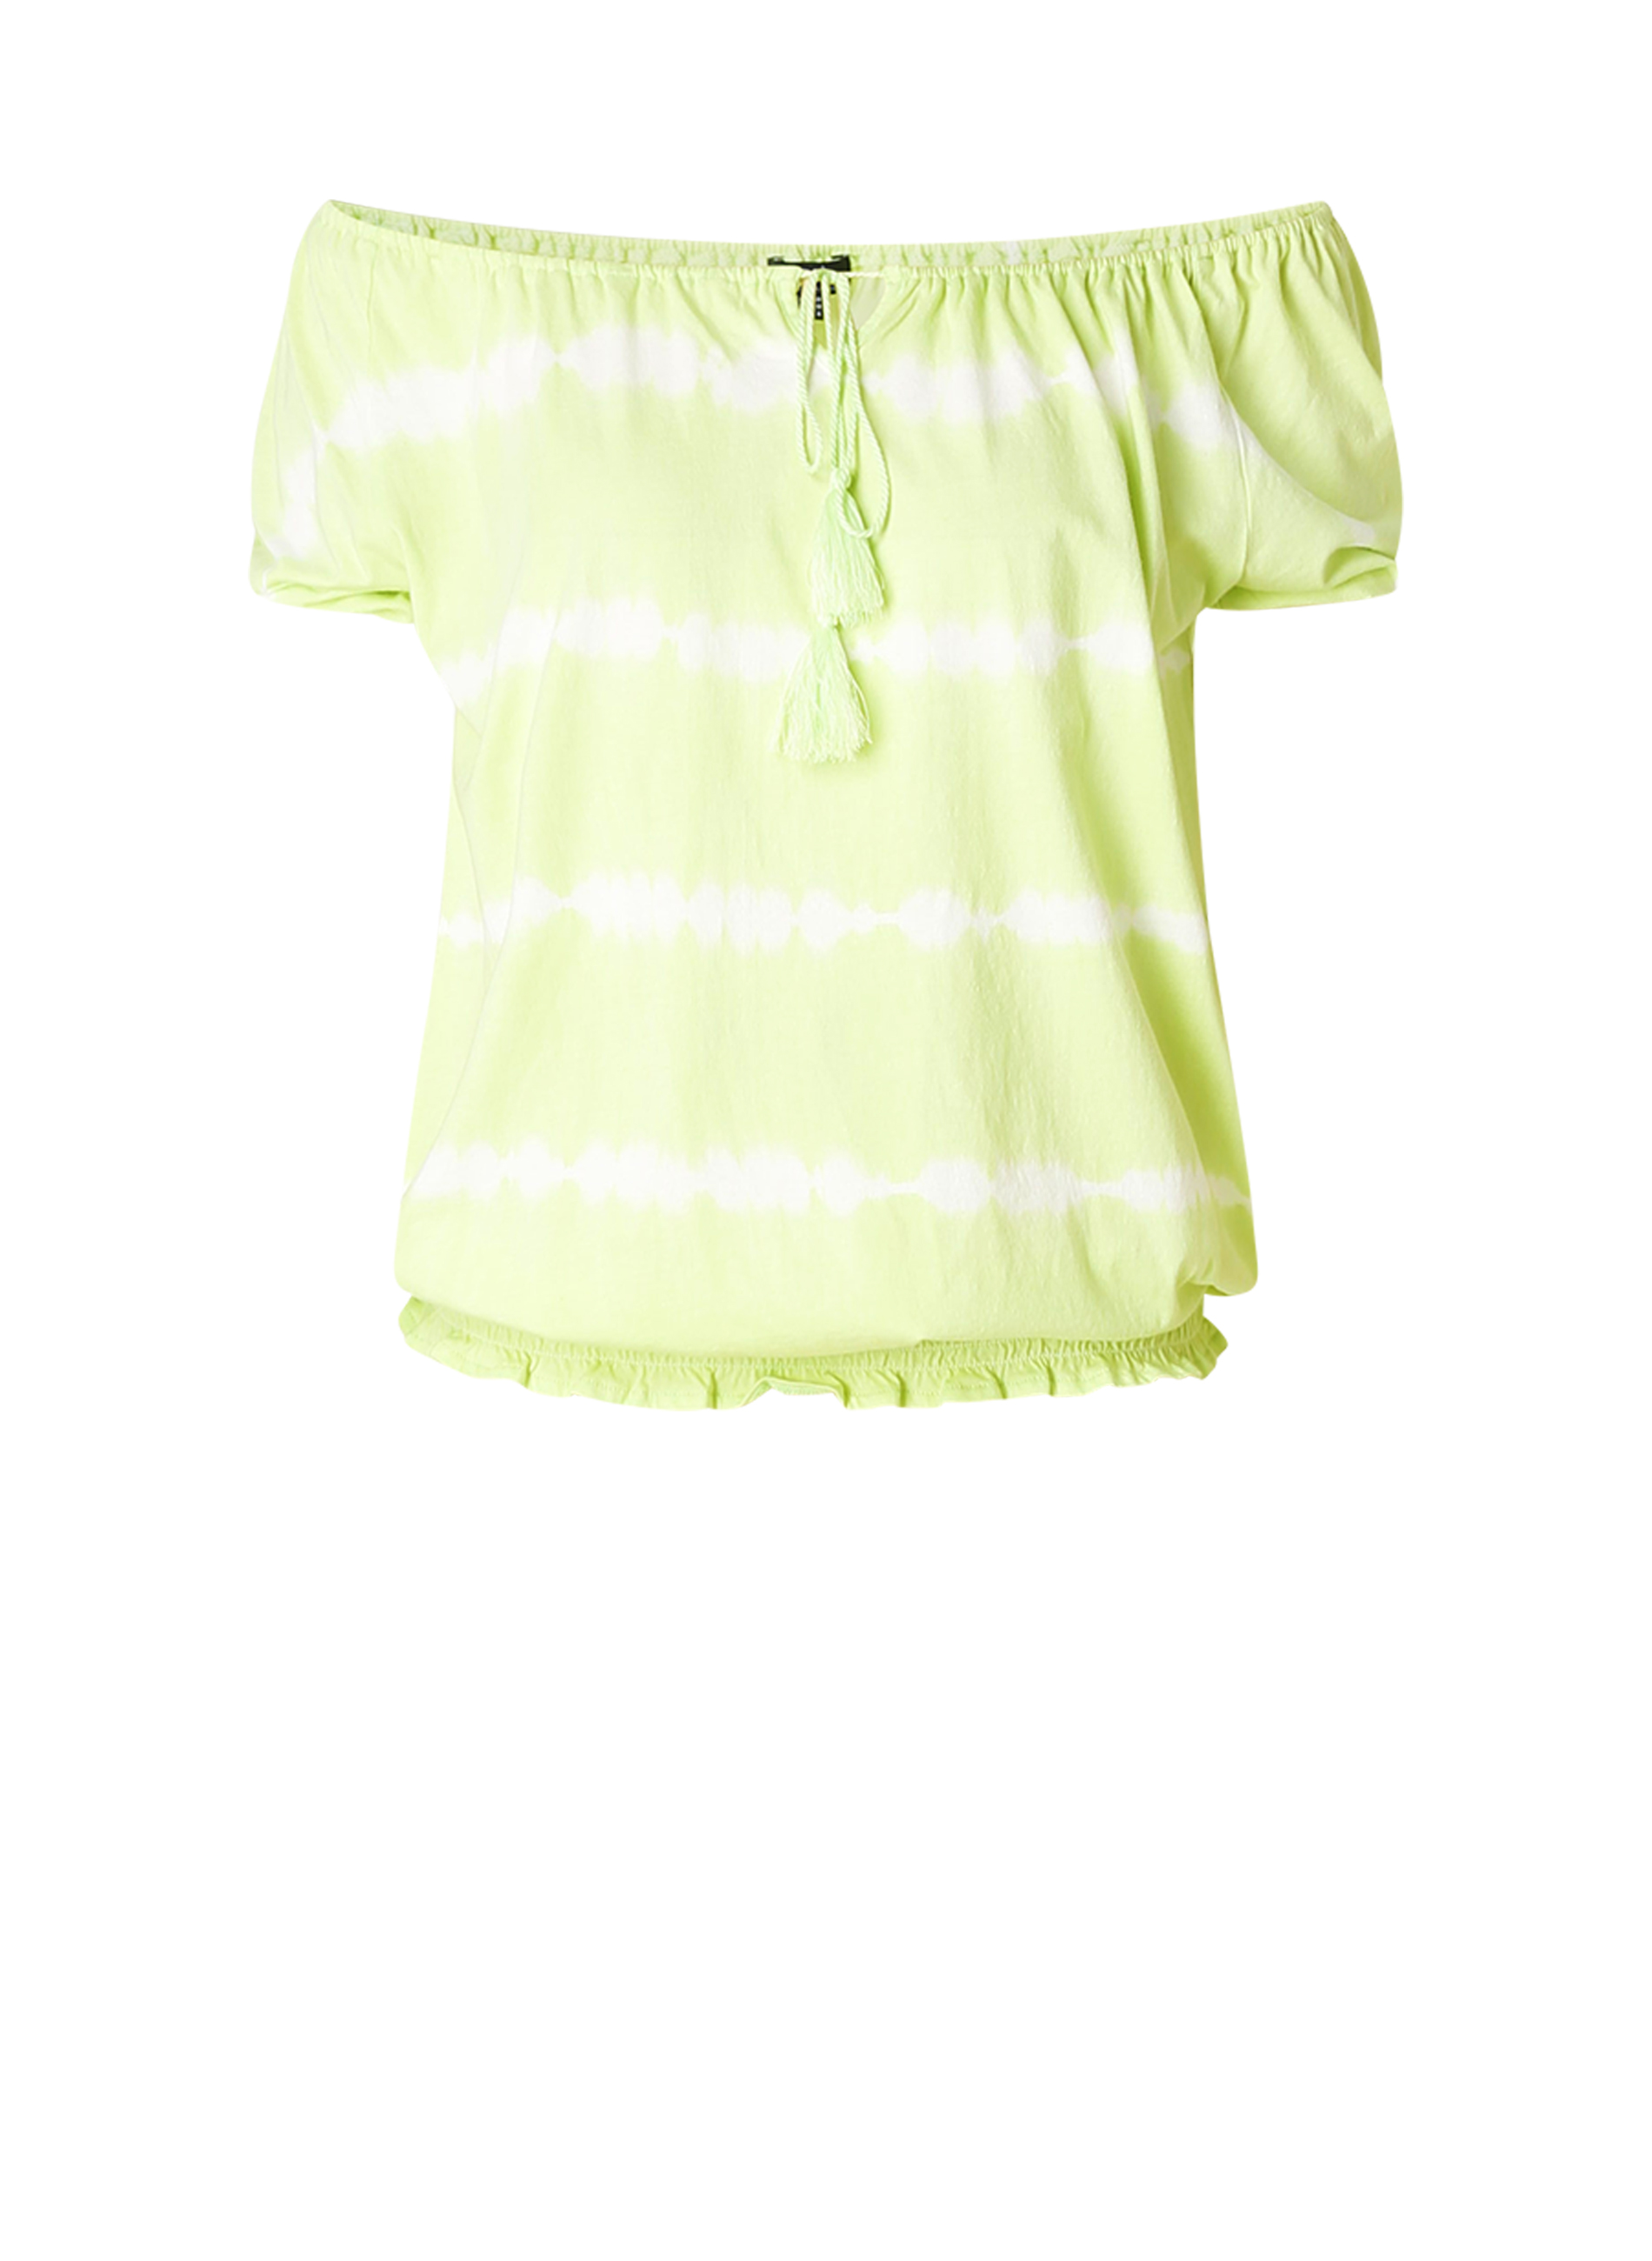 Yest shirt Kathleen 66 cm